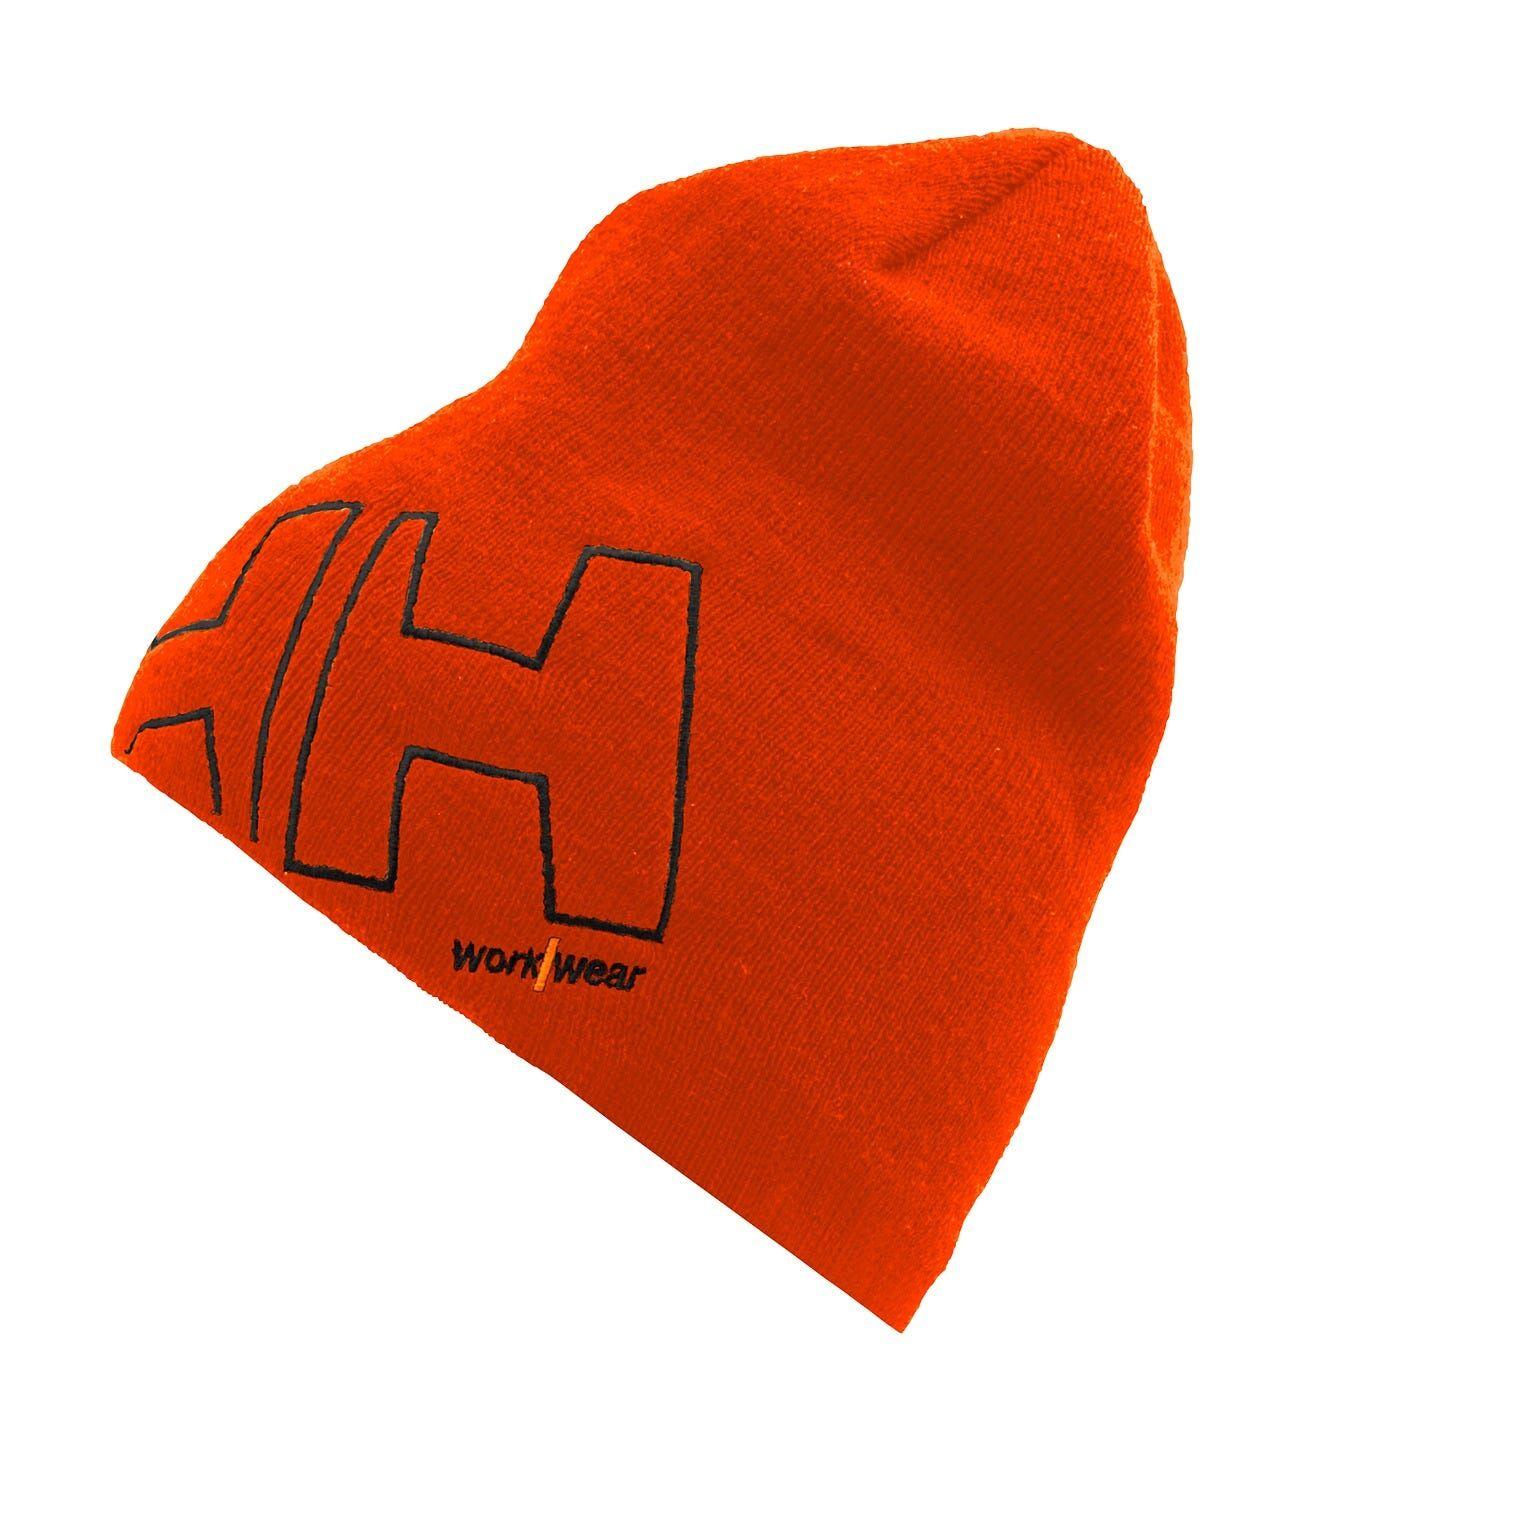 HH Workwear Helly Hansen WorkwearHH WW Warm Comfortable Beanie Orange STD